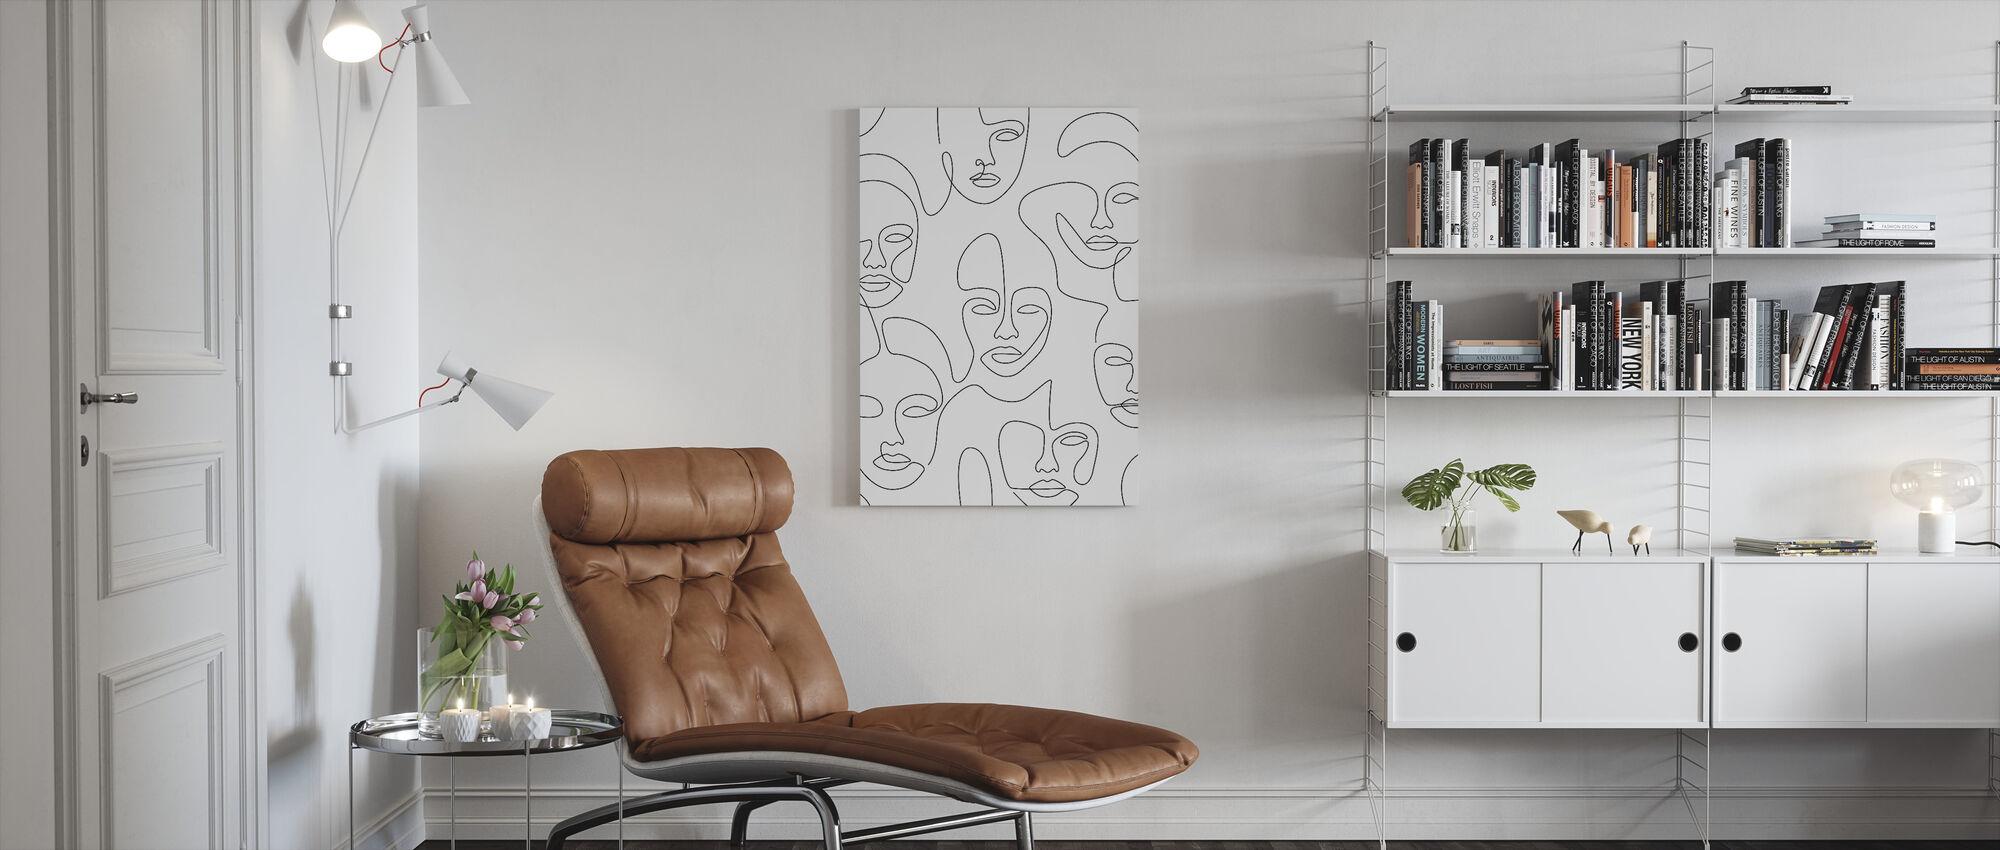 Skönhet Porträtt - Canvastavla - Vardagsrum